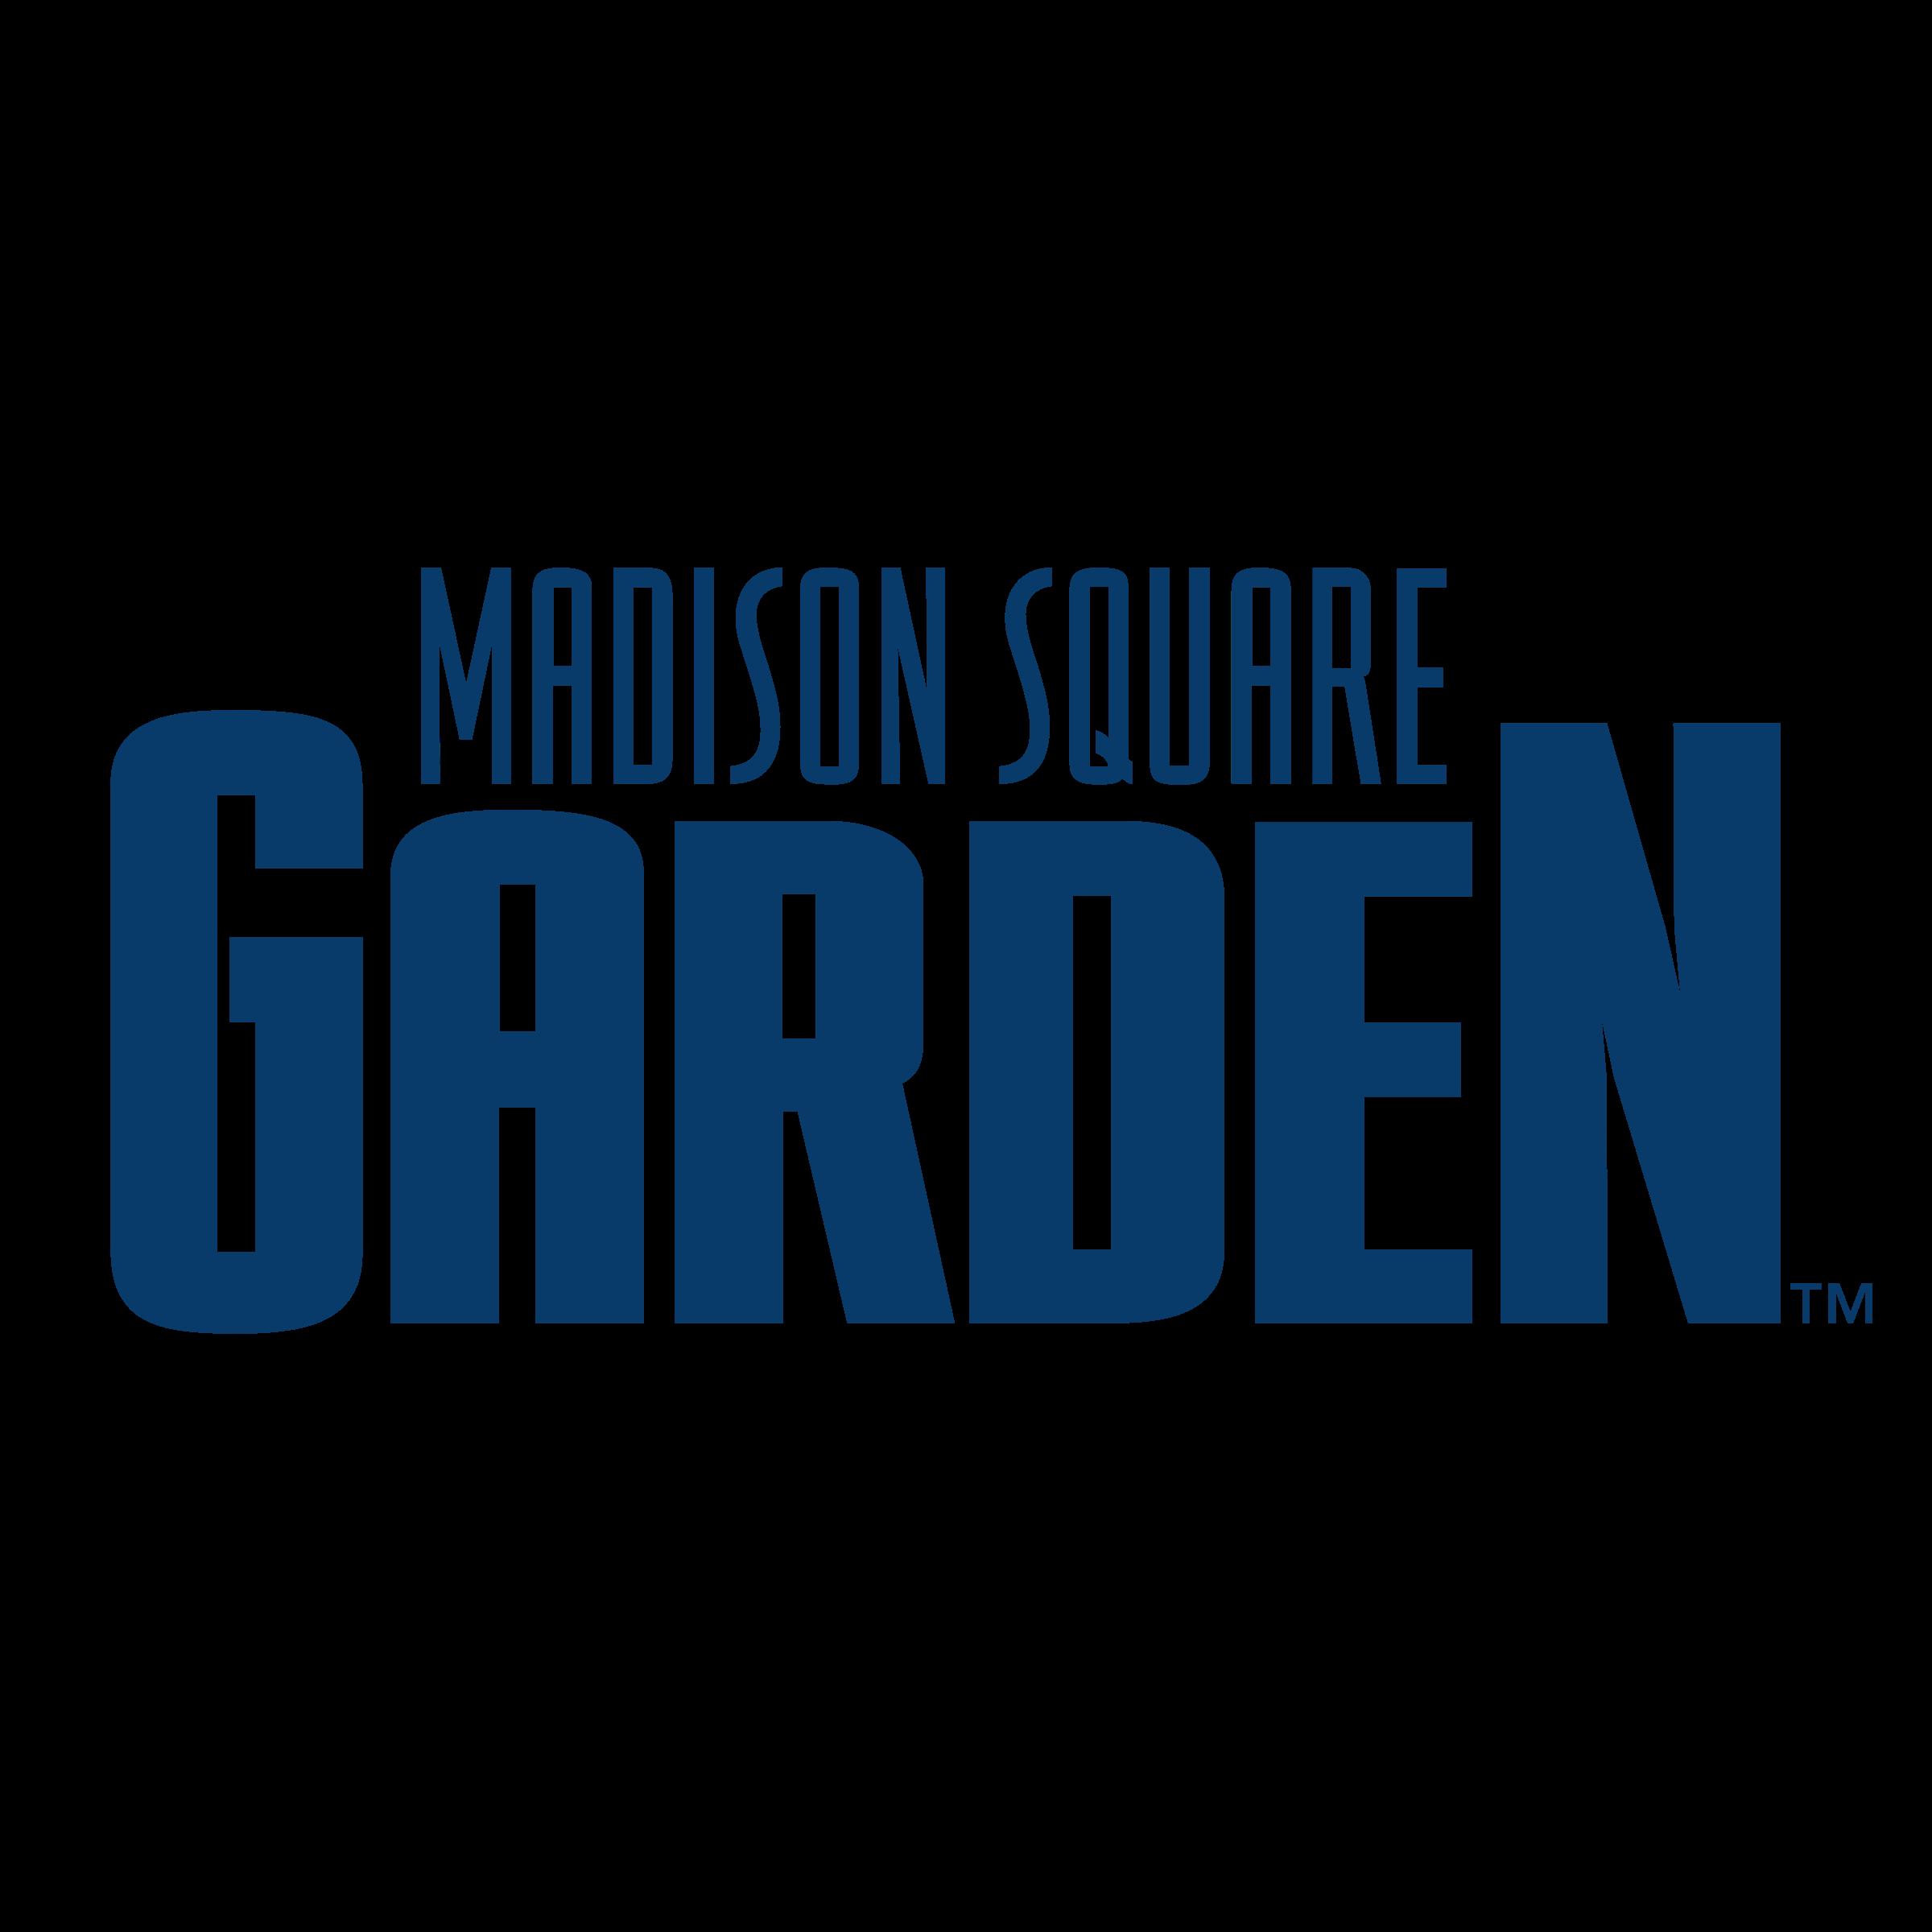 Madison Square Garden Logo PNG Transparent & SVG Vector.